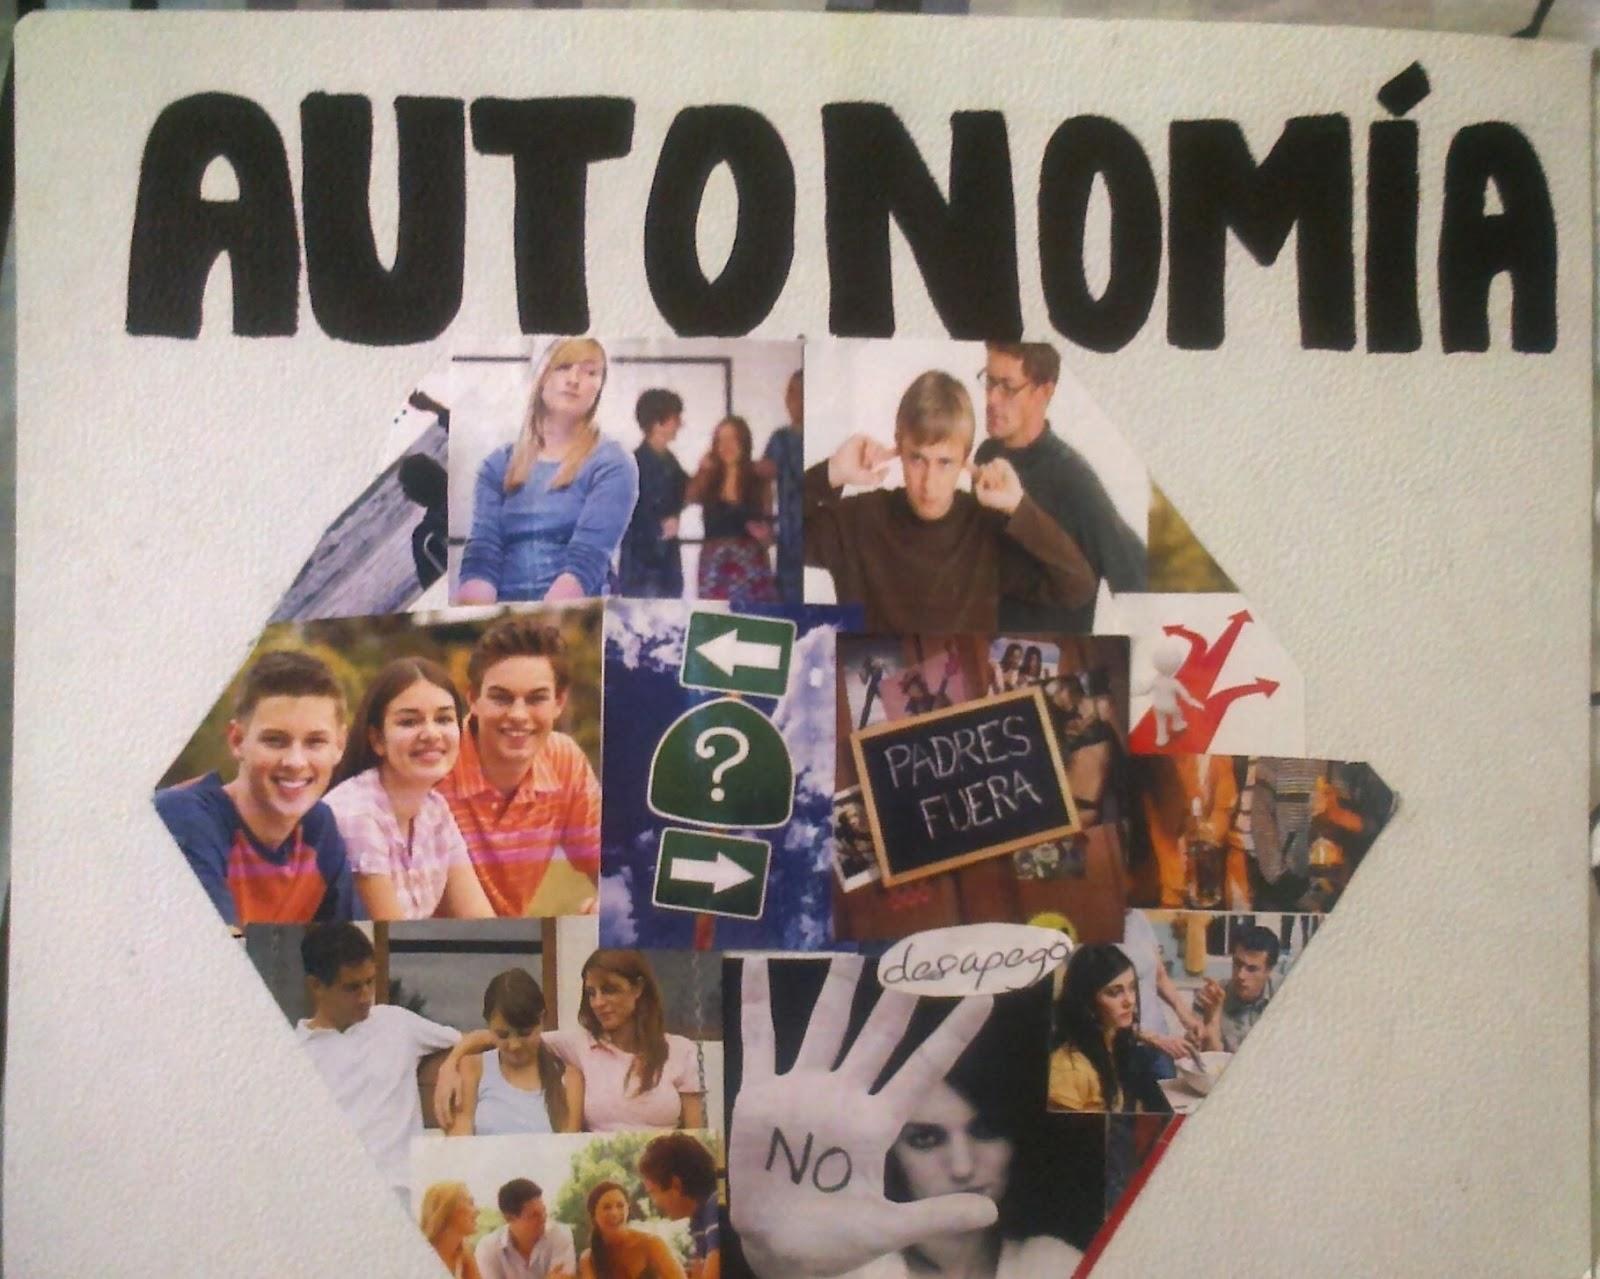 Nec otium – Il genitore e, più in generale, l'adulto di fronte all'adolescente: problemi derivanti dall'apertura di uno spazio negoziale fra vecchia e nuova generazione.